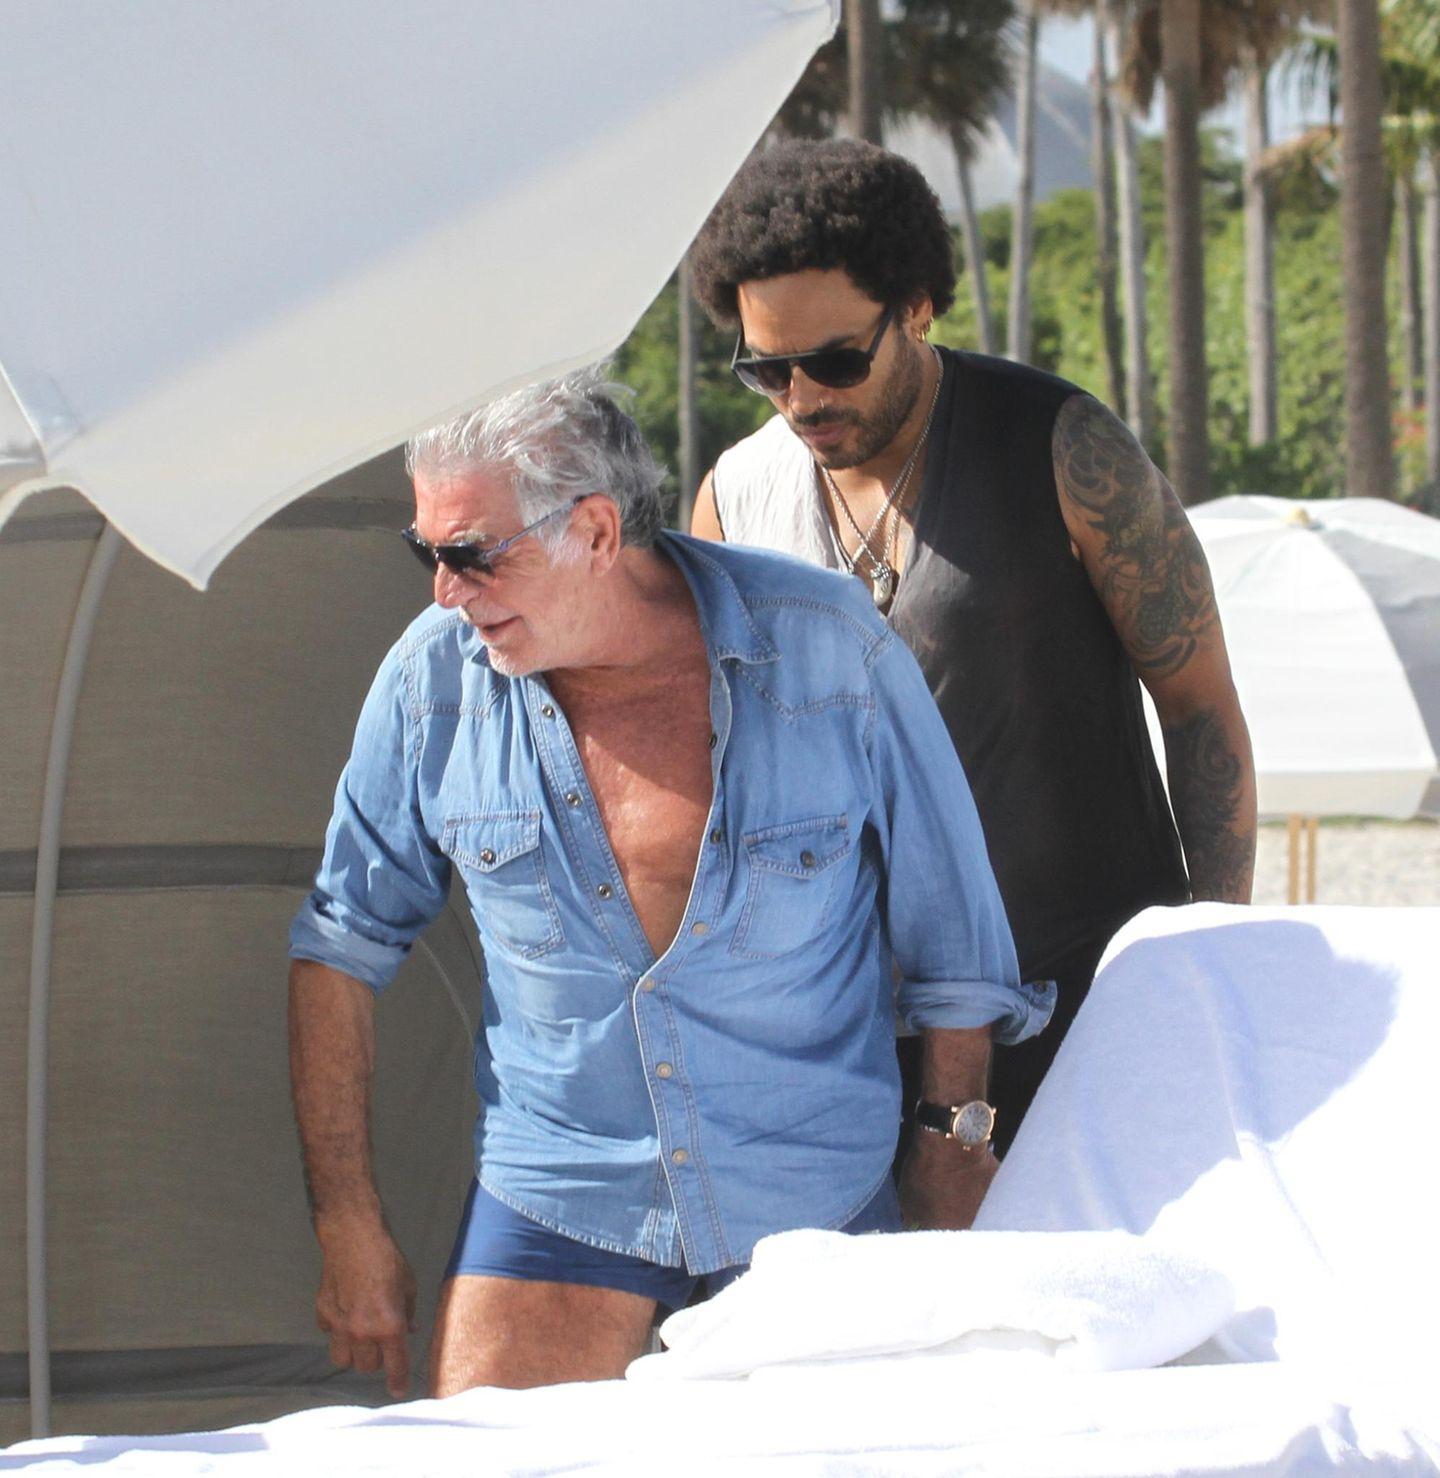 8. Dezember 2013: Roberto Cavalli verbringt mit Freundin Lina Nilson und Lenny Kravitz einen Tag am Strand.